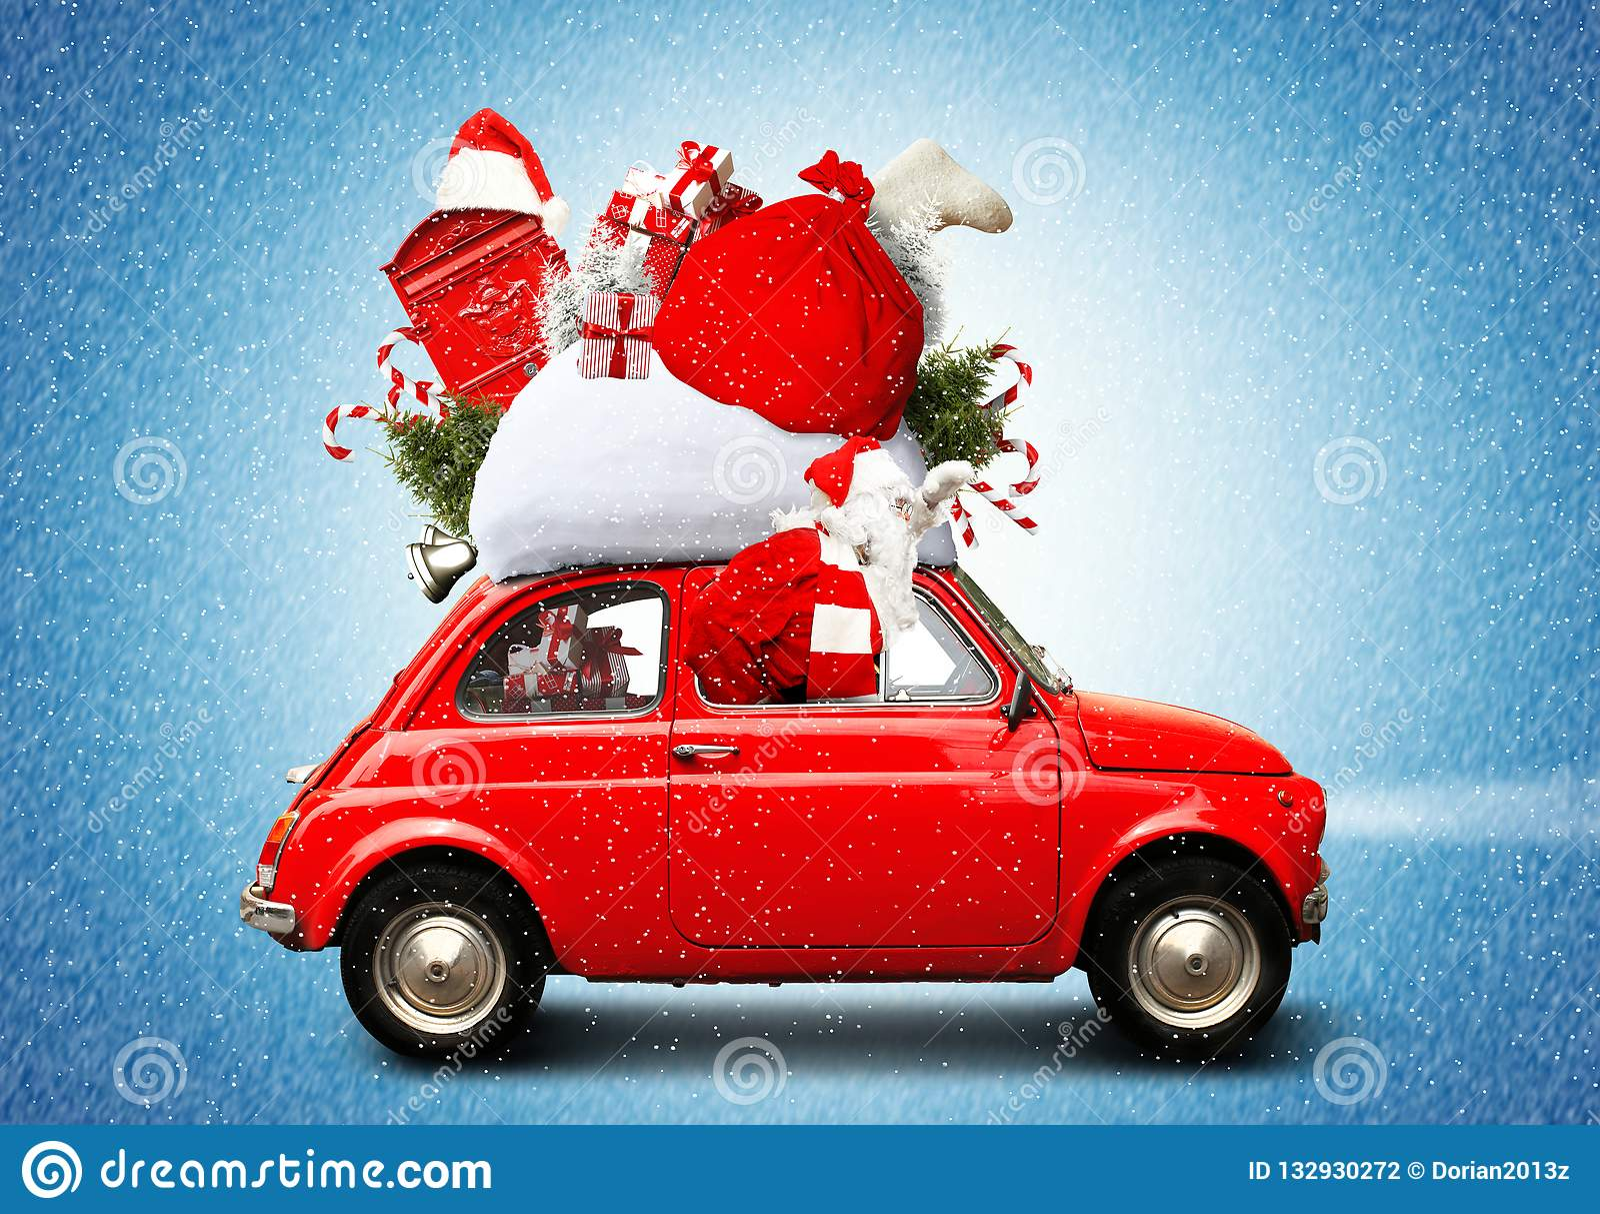 Weihnachtsauto